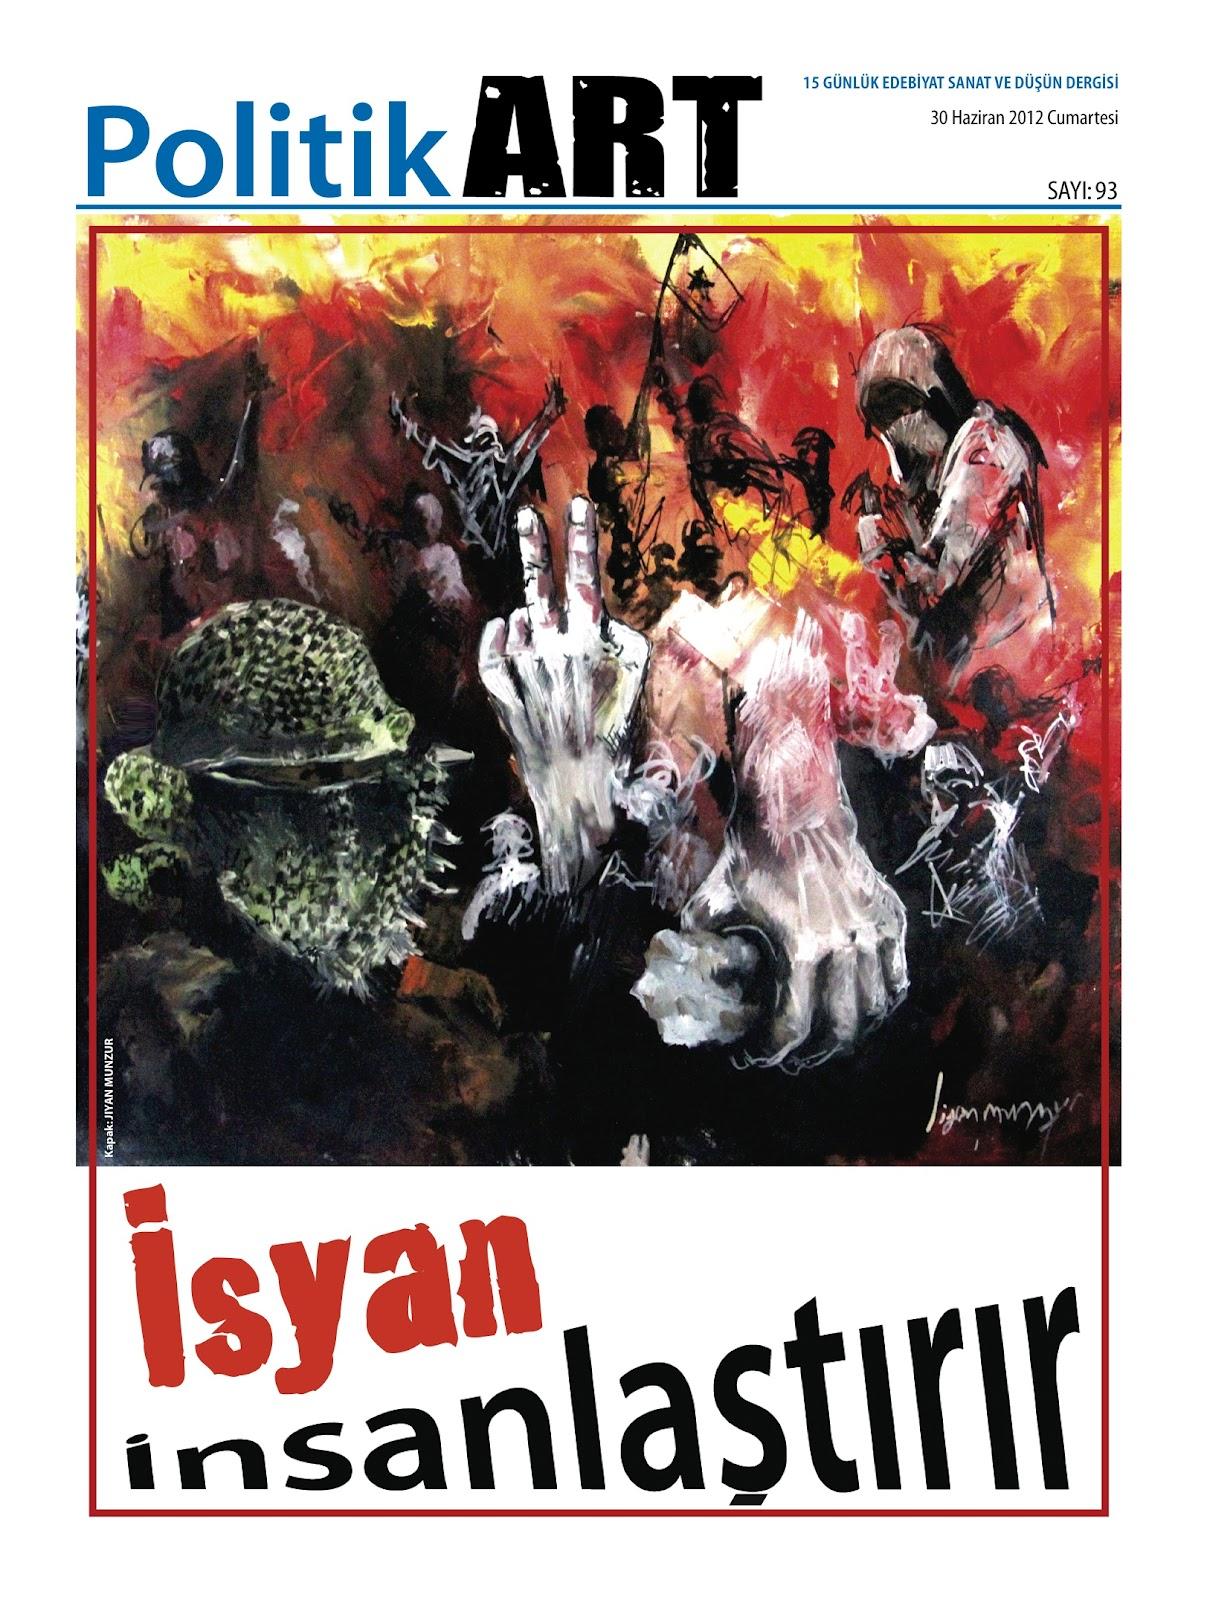 Ivan Shamyakin: biyografi ve yaratıcılık 92